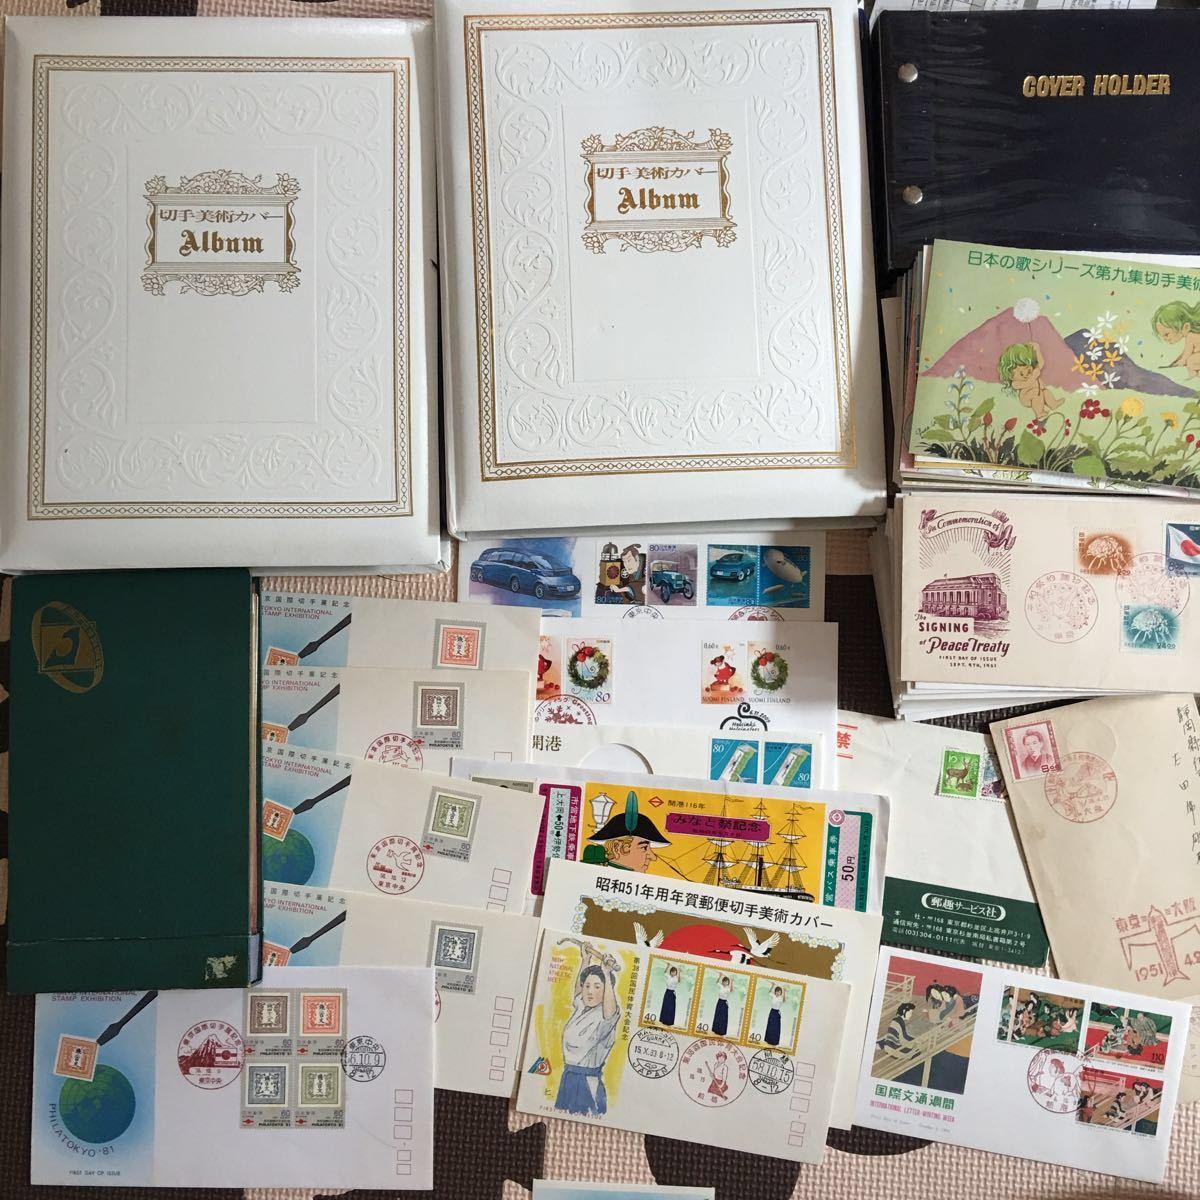 ◆大量◆◆→→→日本切手・FDC ・初日カバー・切手趣味週間・年賀・ふるさと・記念シリーズ・他・アルバム4冊約300枚まとめて◆◆